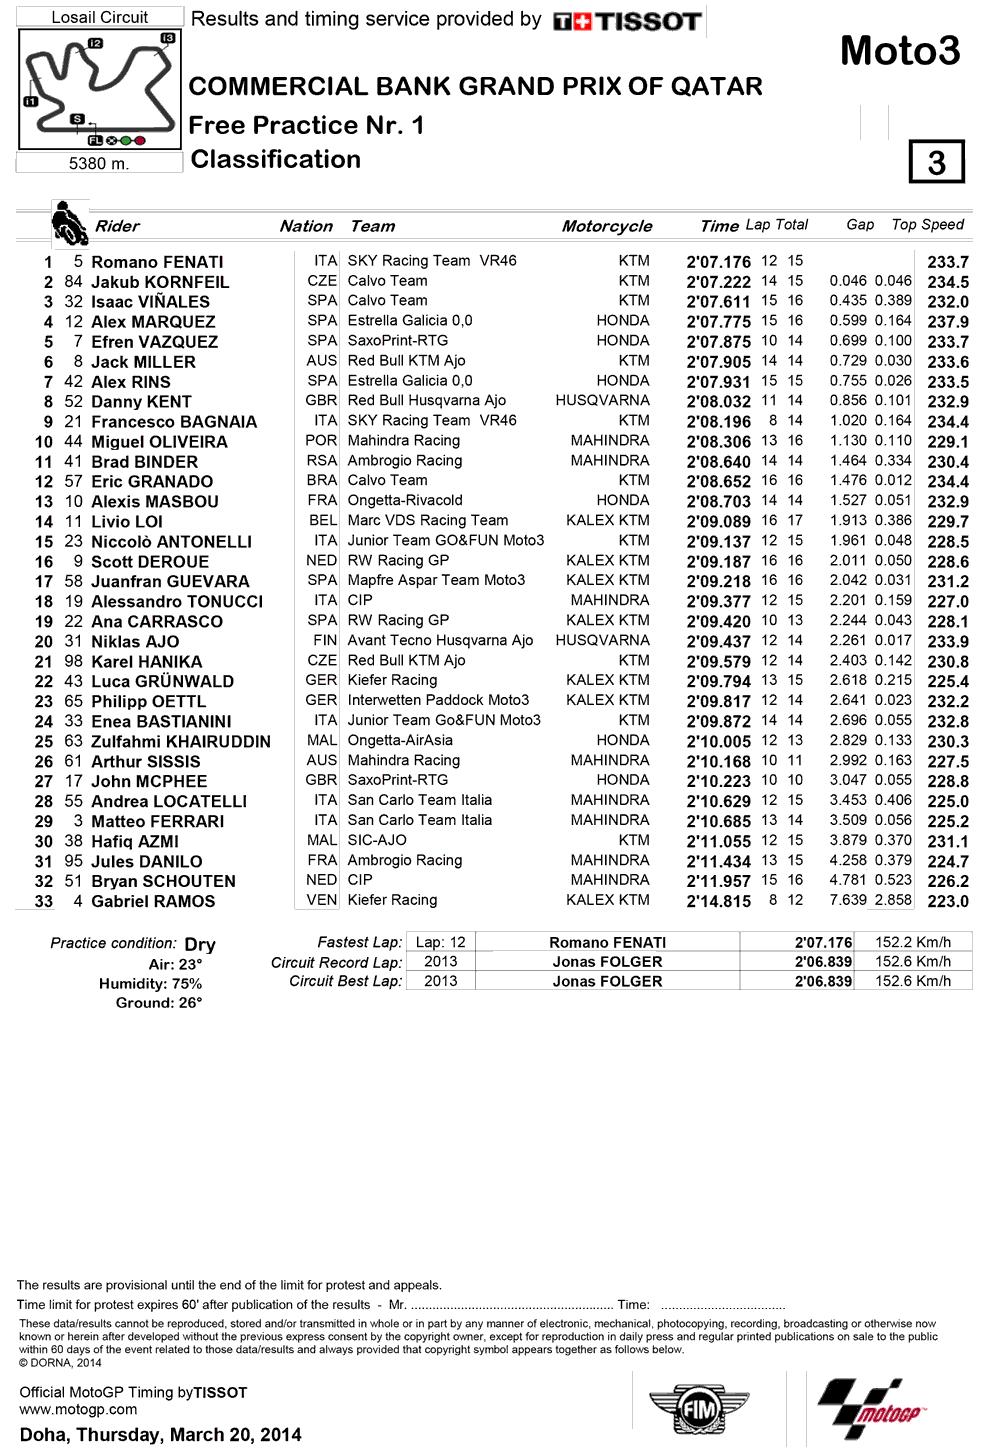 Результаты первой практики Moto3 Гран-При Катара 2014